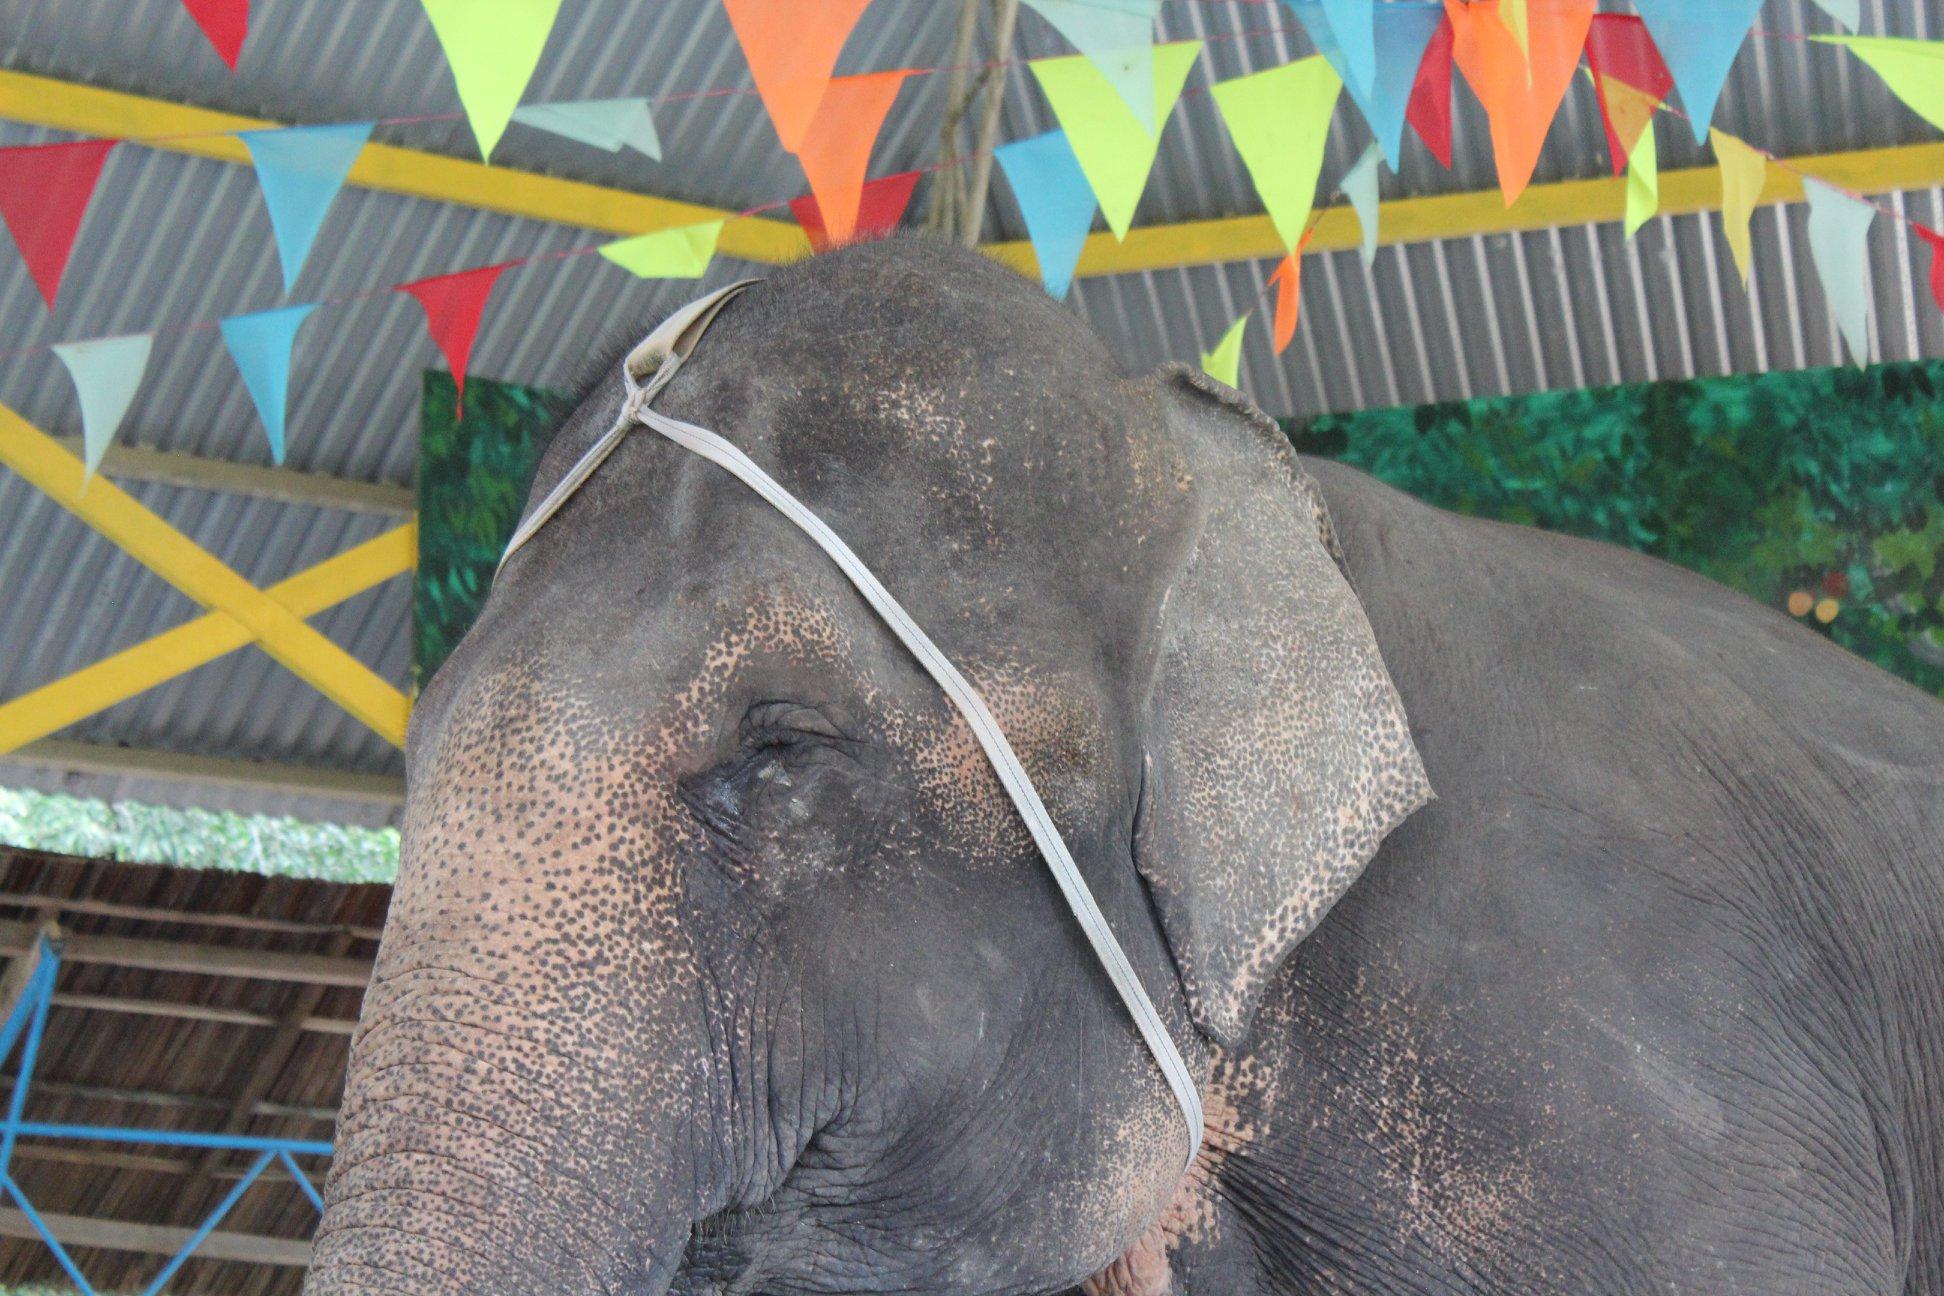 Dân mạng dậy sóng trước câu chuyện con voi bị bóc lột trong gánh xiếc tại Nha Trang 2